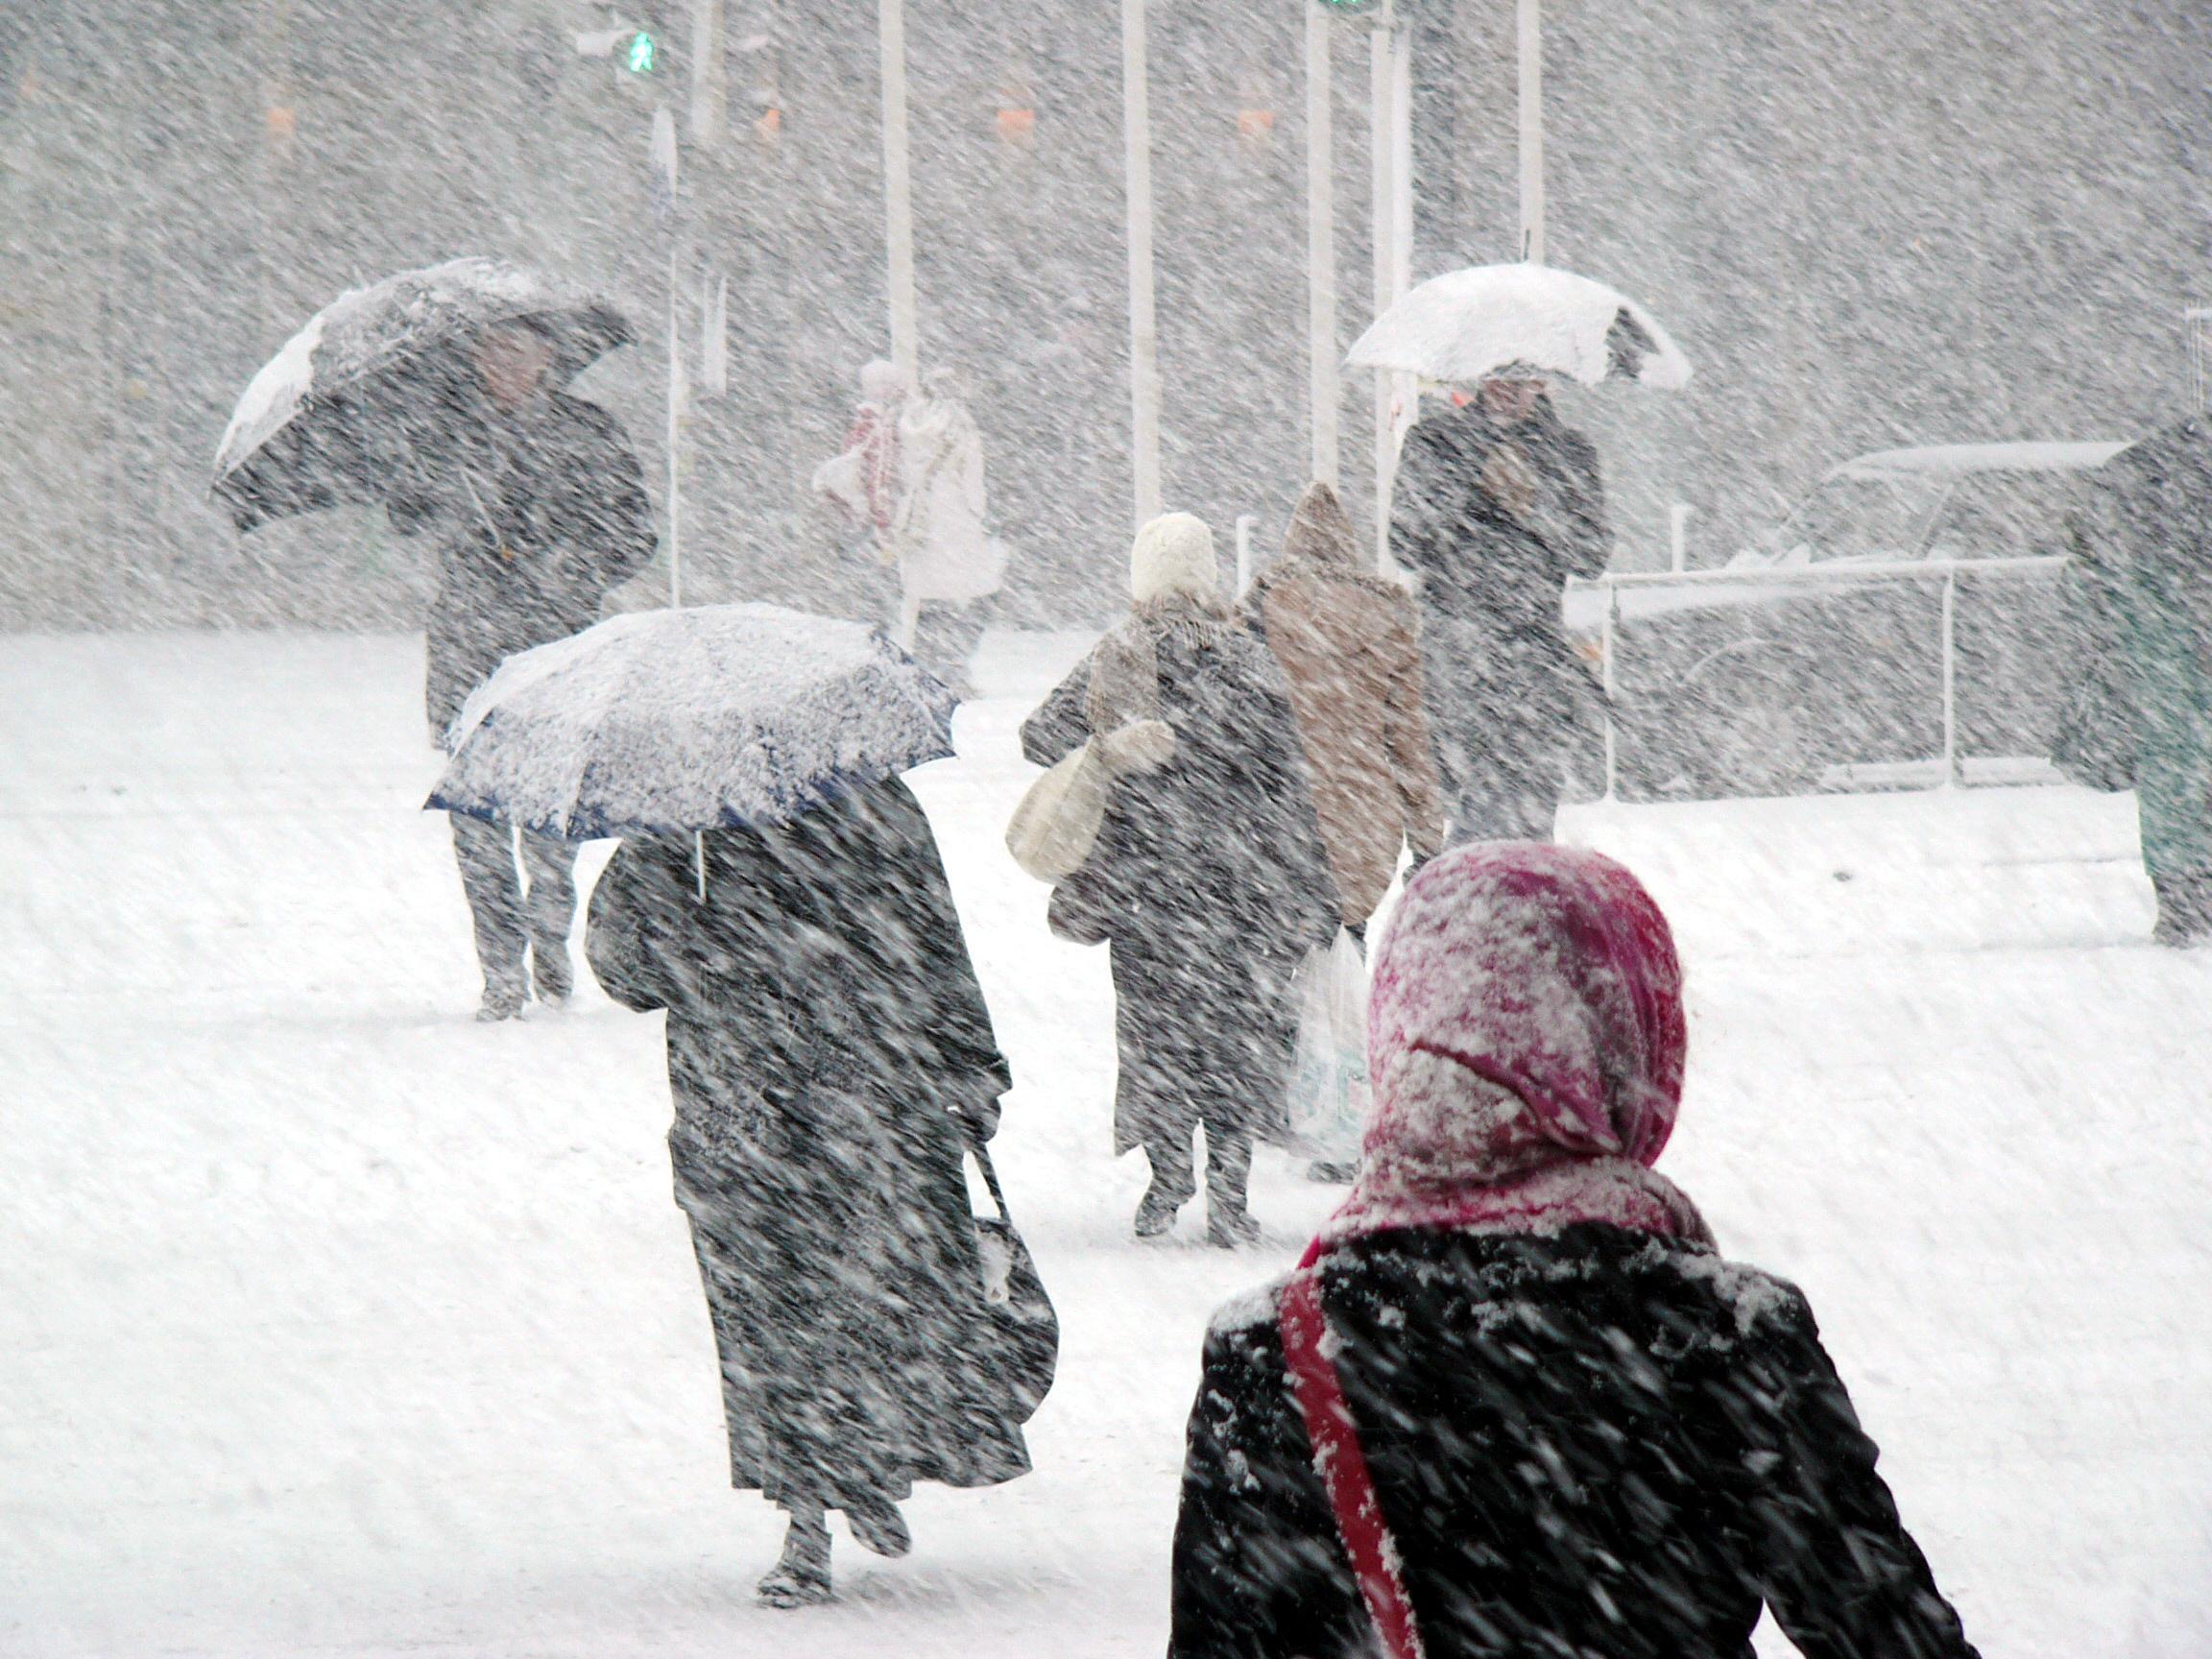 Alertă ANM! Cod portocaliu de ninsori abundente până sâmbătă și vreme deosebit de rea în mai multe județe din țară